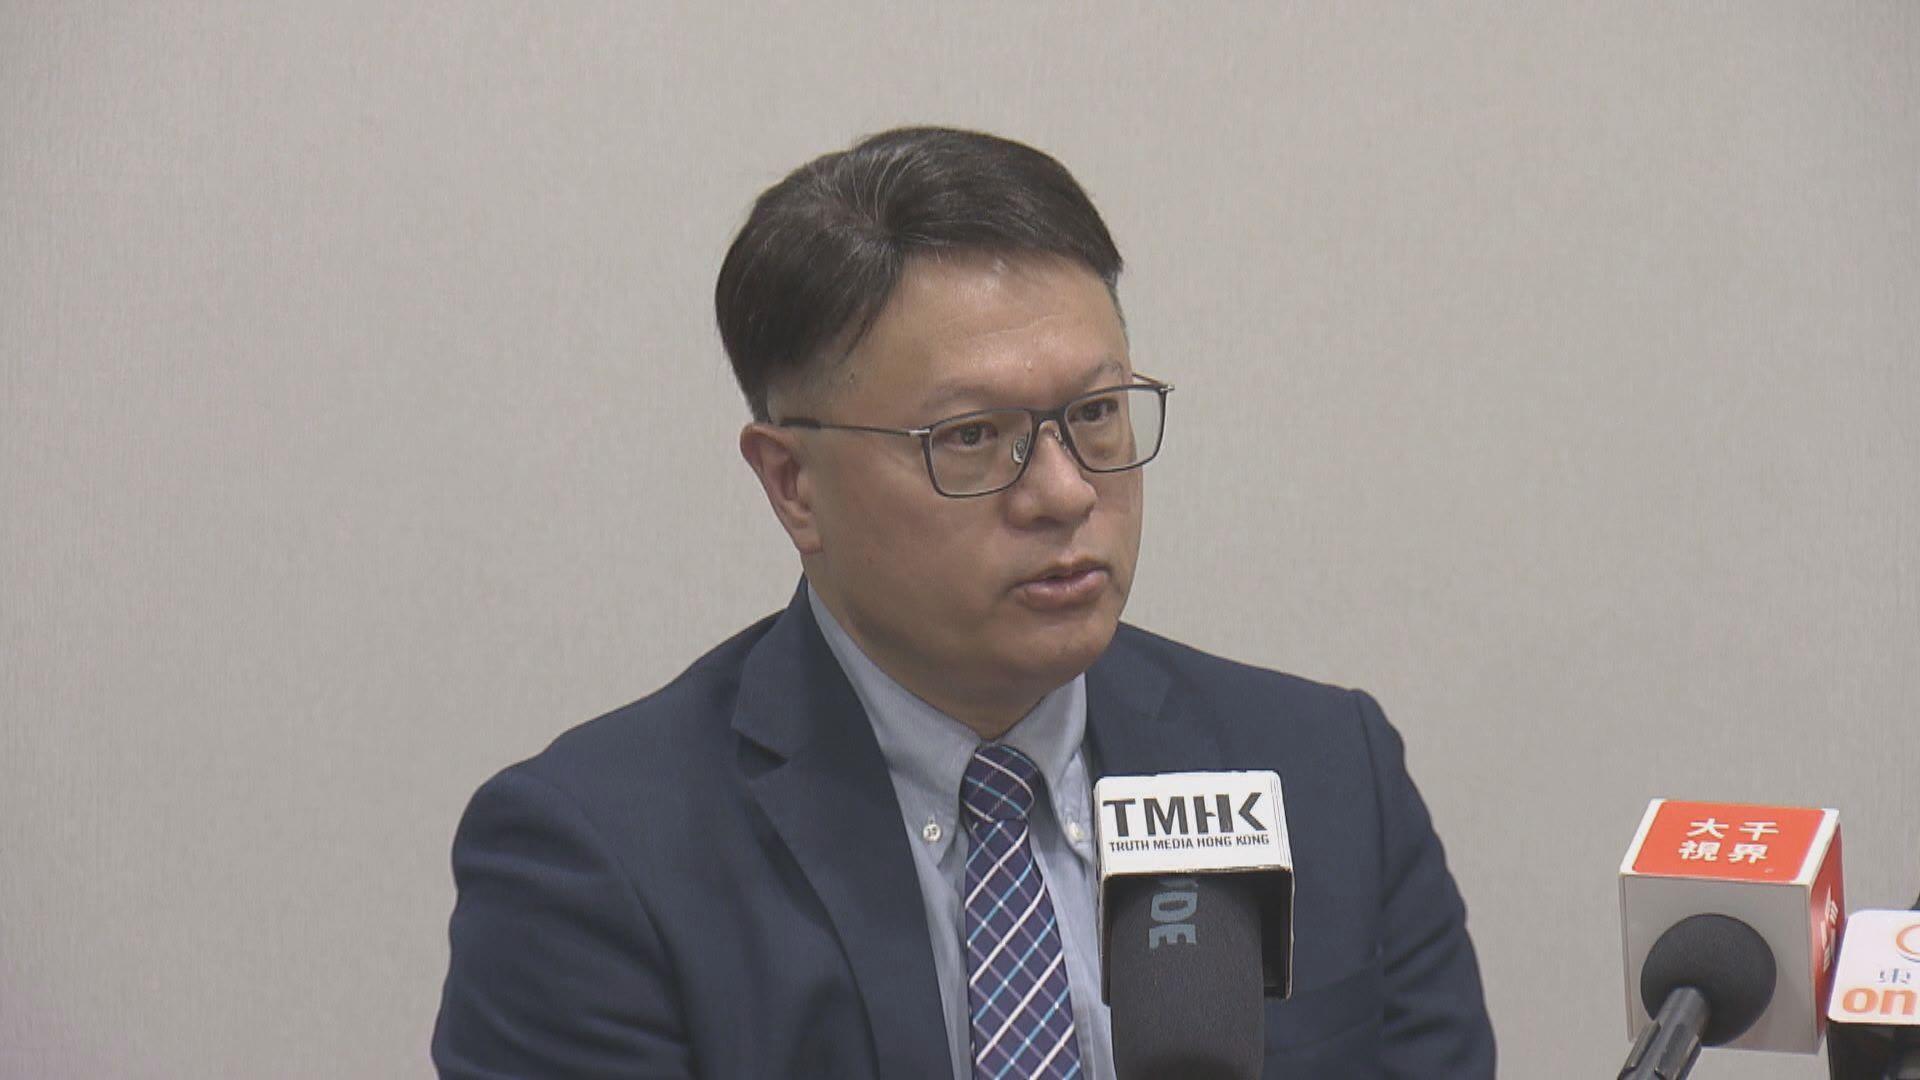 許樹昌:正等待科興提交數據 再決定是否降低接種門檻